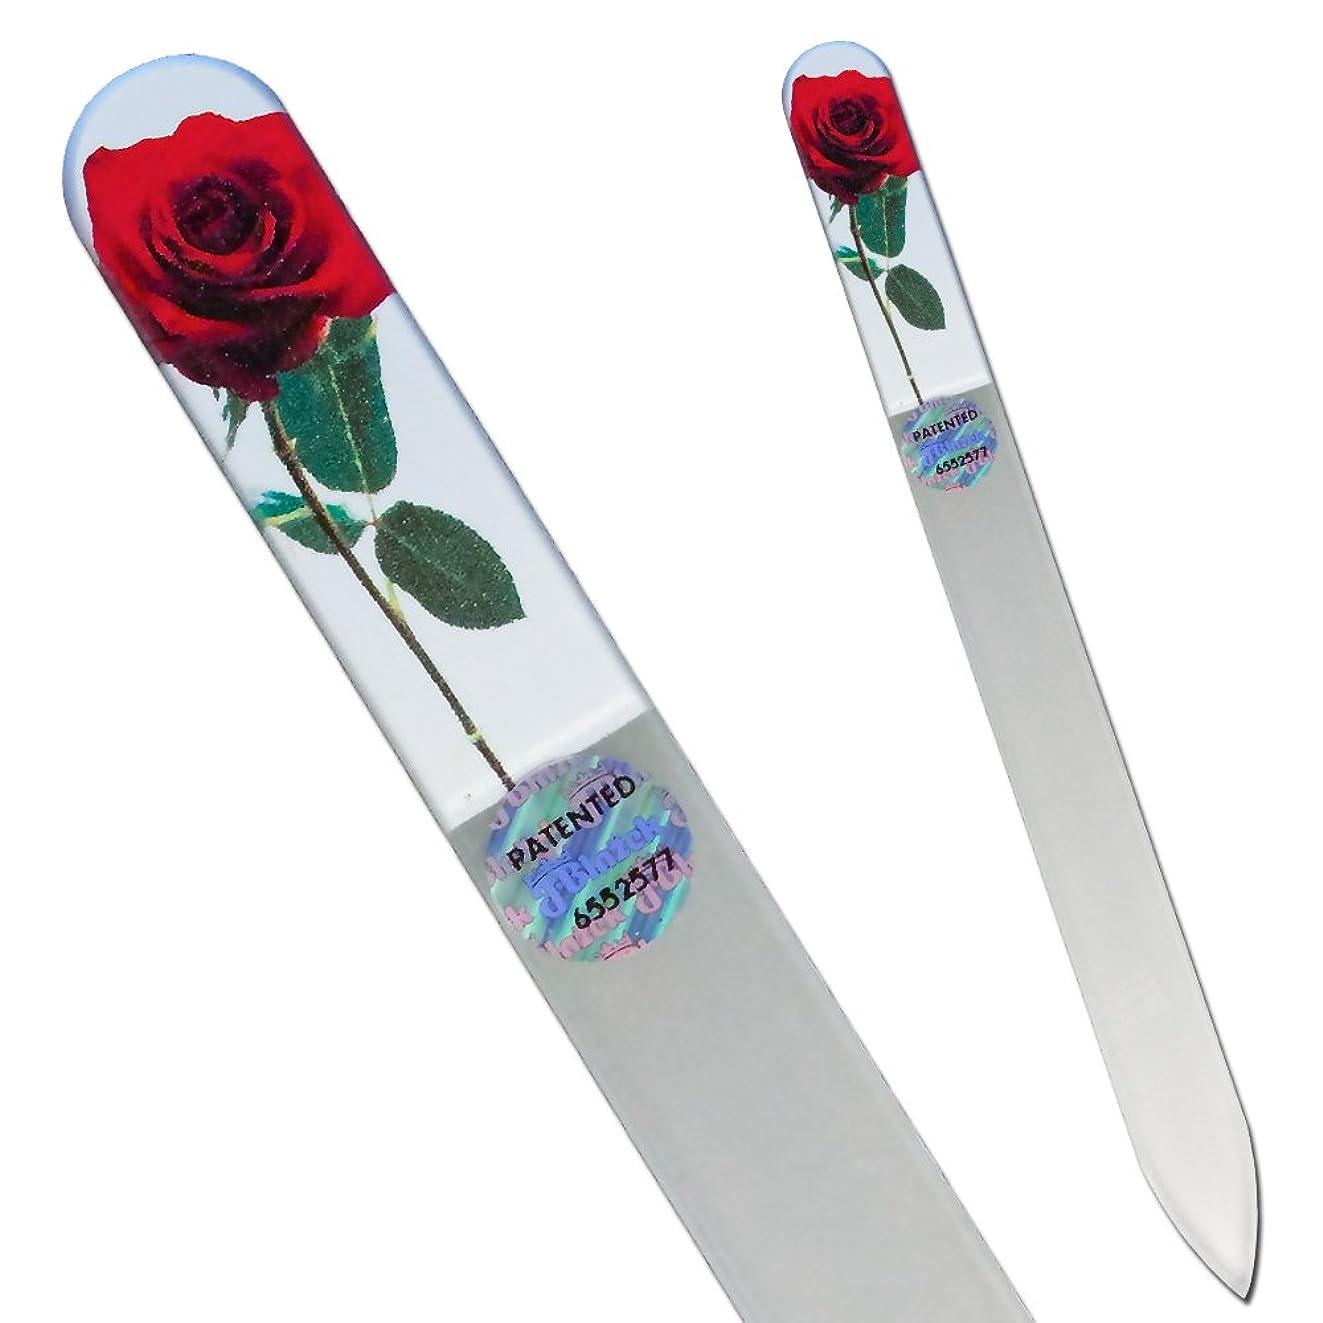 略語会計士おばさんブラジェク ガラス爪やすり 140mm ローズ04フォト両面タイプ[Rose04]